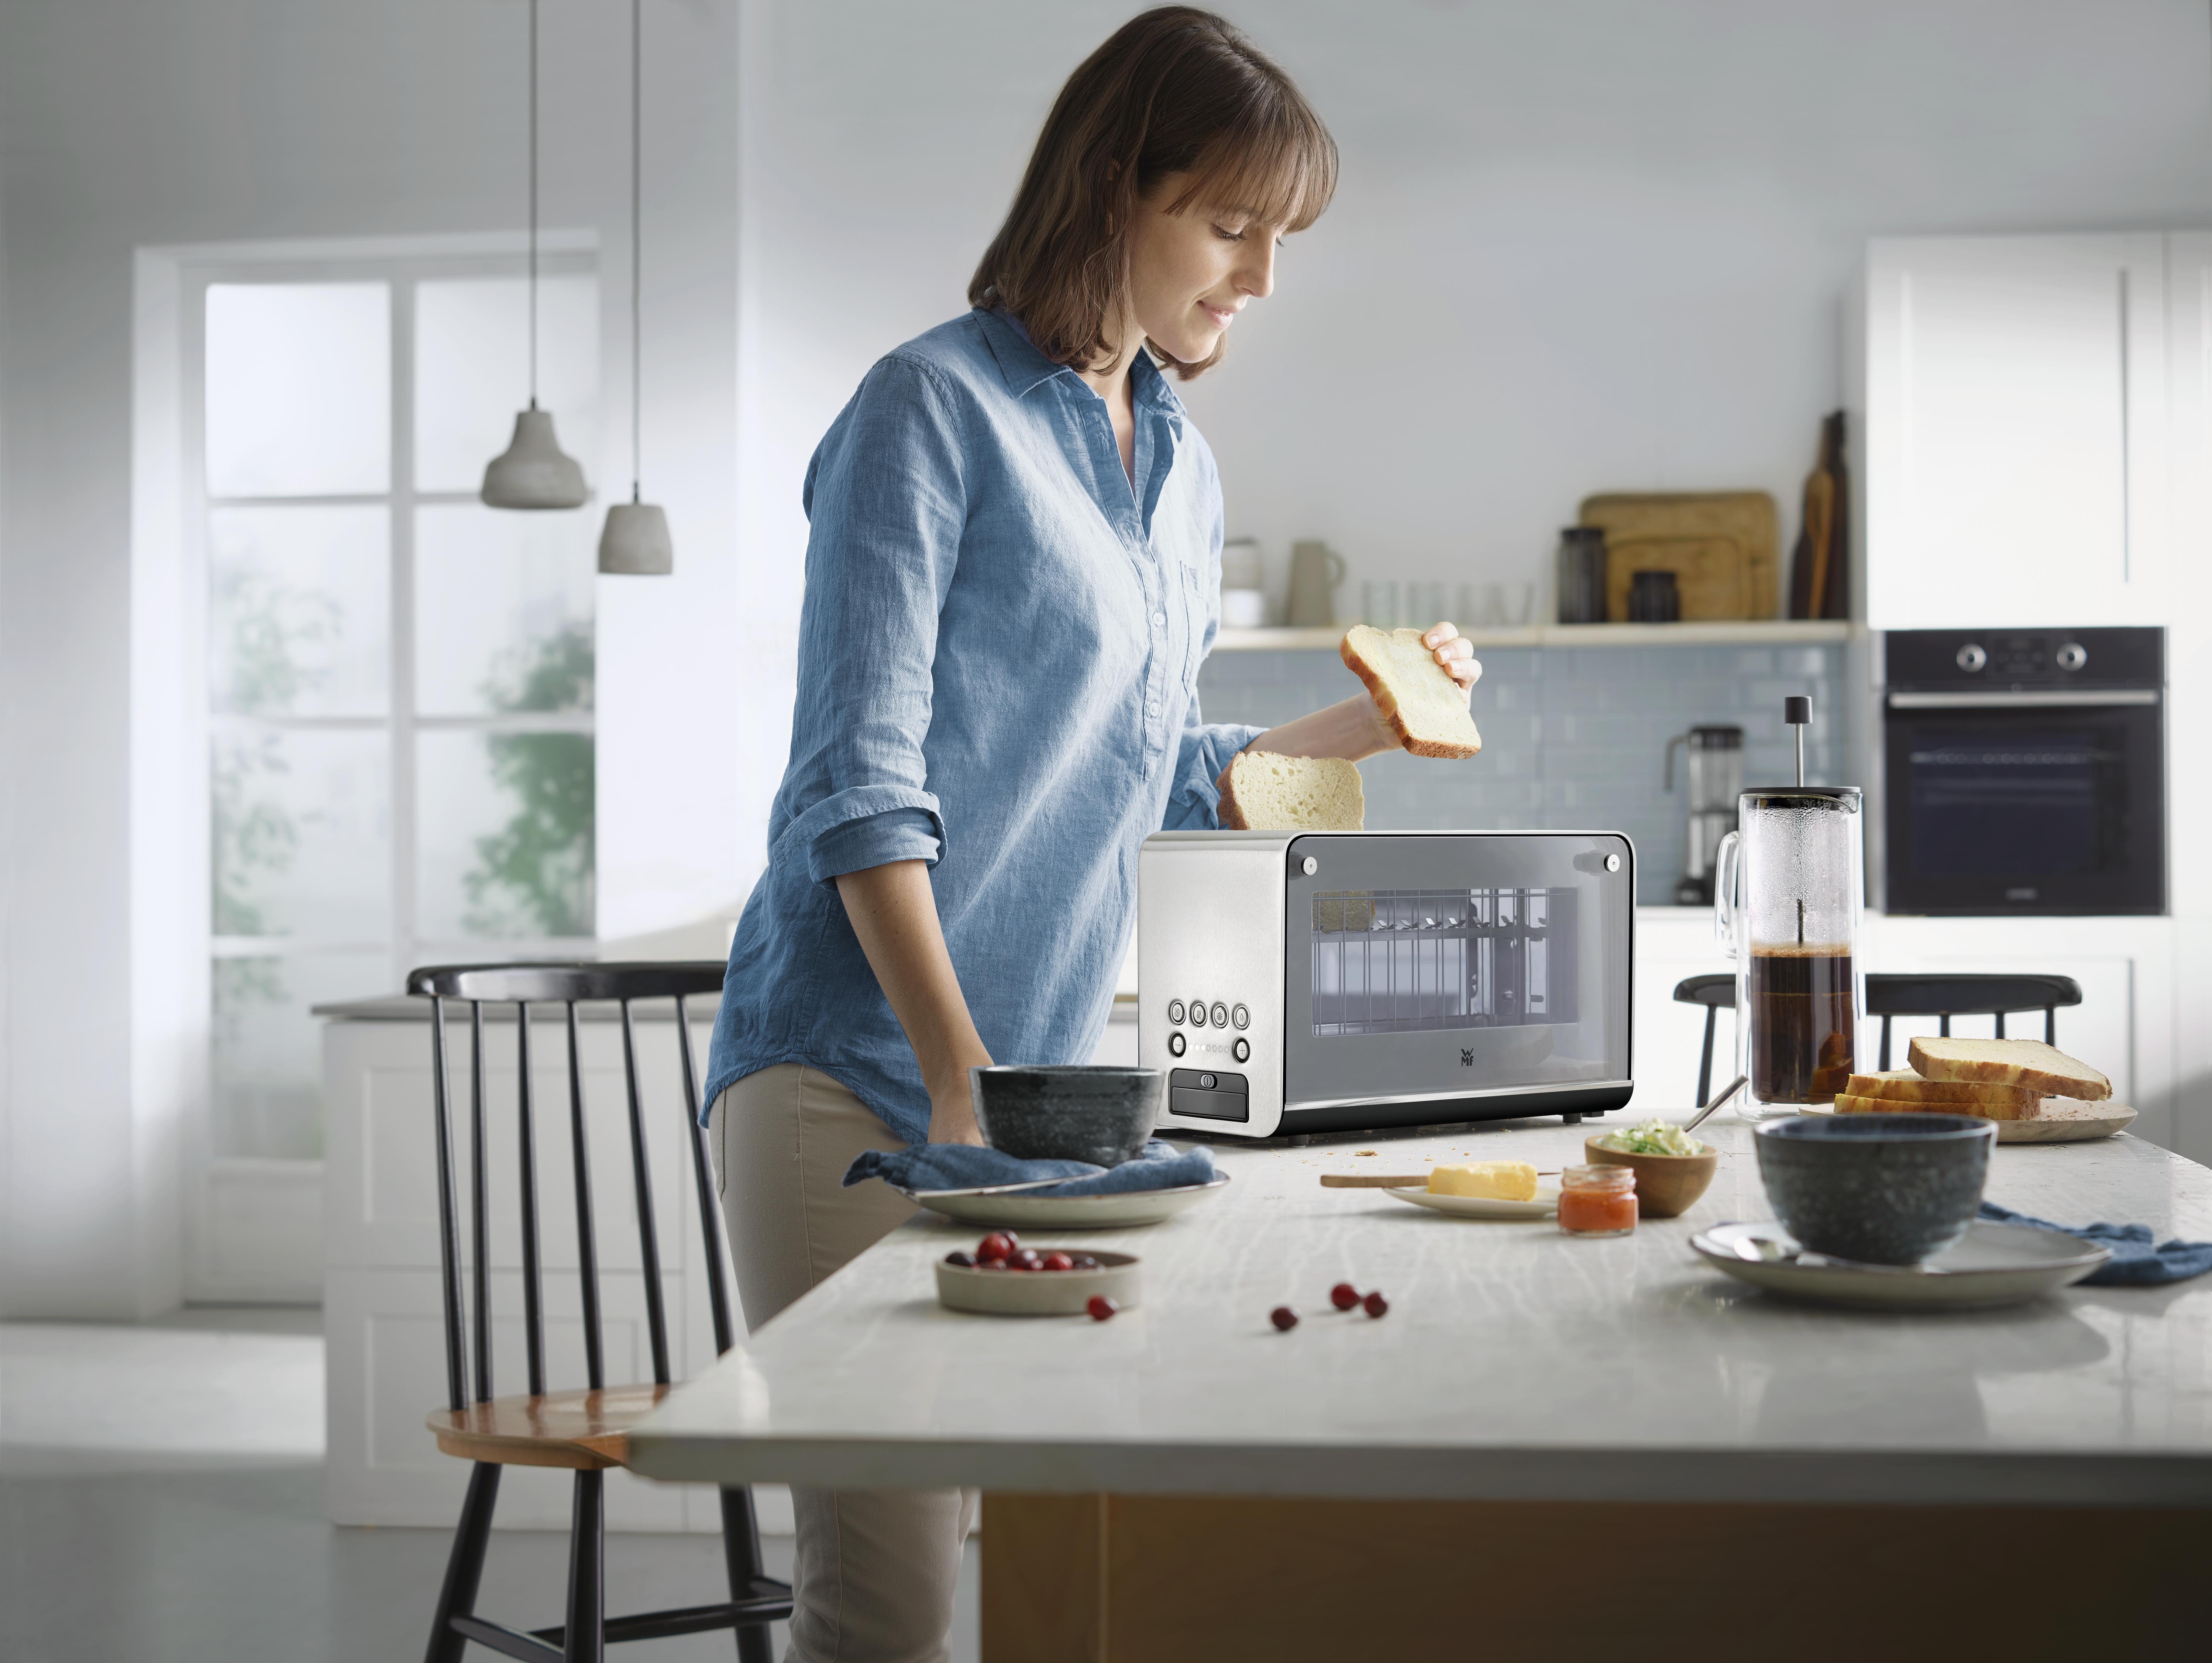 WMF Lono Cam Ekmek Kızartma Makinesi: Her şey gözlerinizin önünde